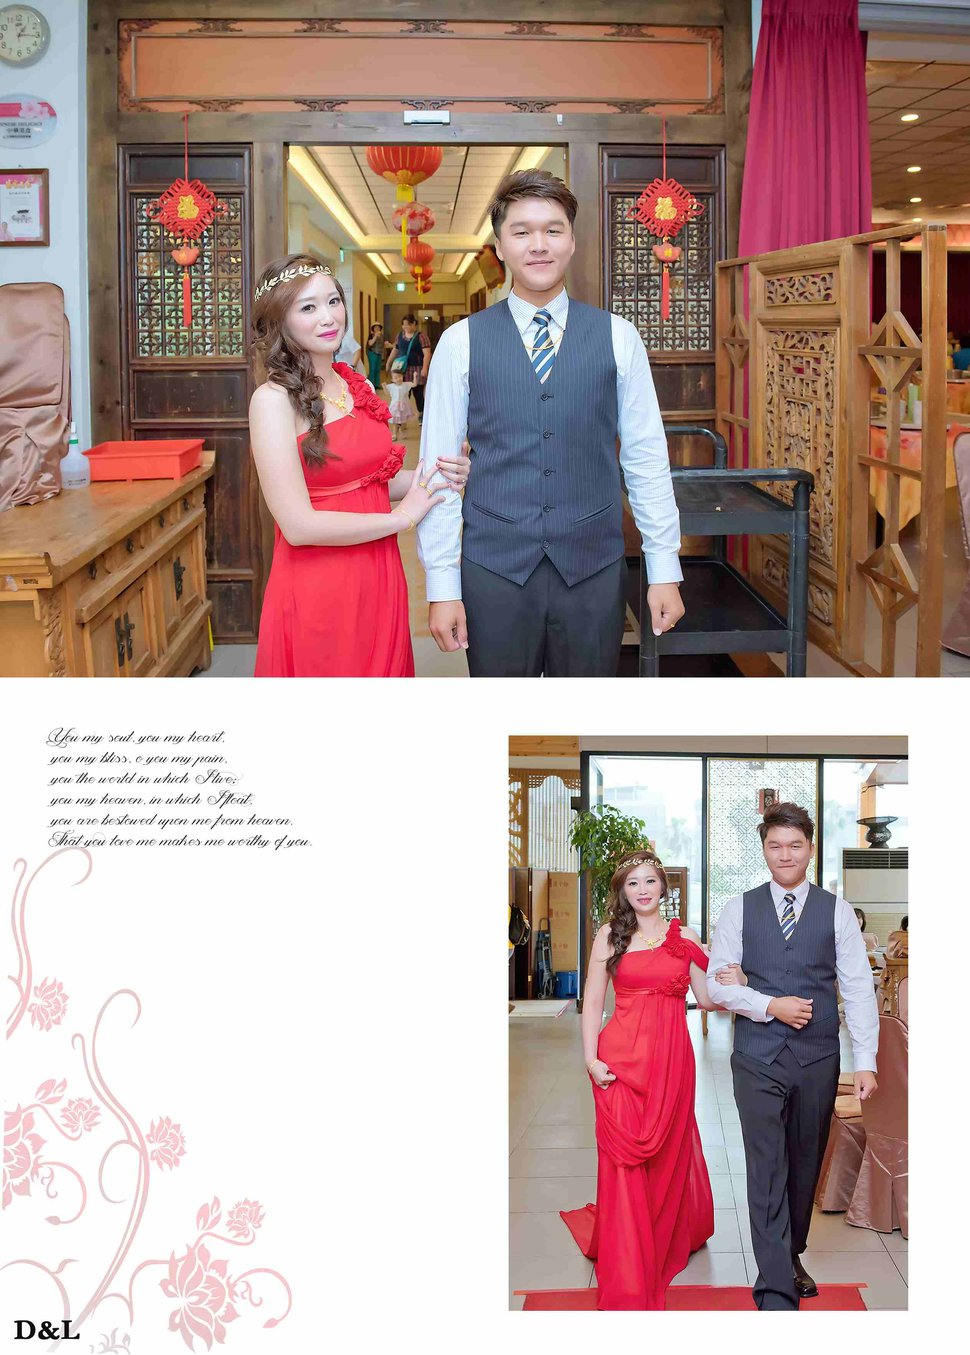 婚禮記錄 俊明&少怡(編號:248828) - D&L 婚禮事務-婚紗攝影/婚禮記錄 - 結婚吧一站式婚禮服務平台